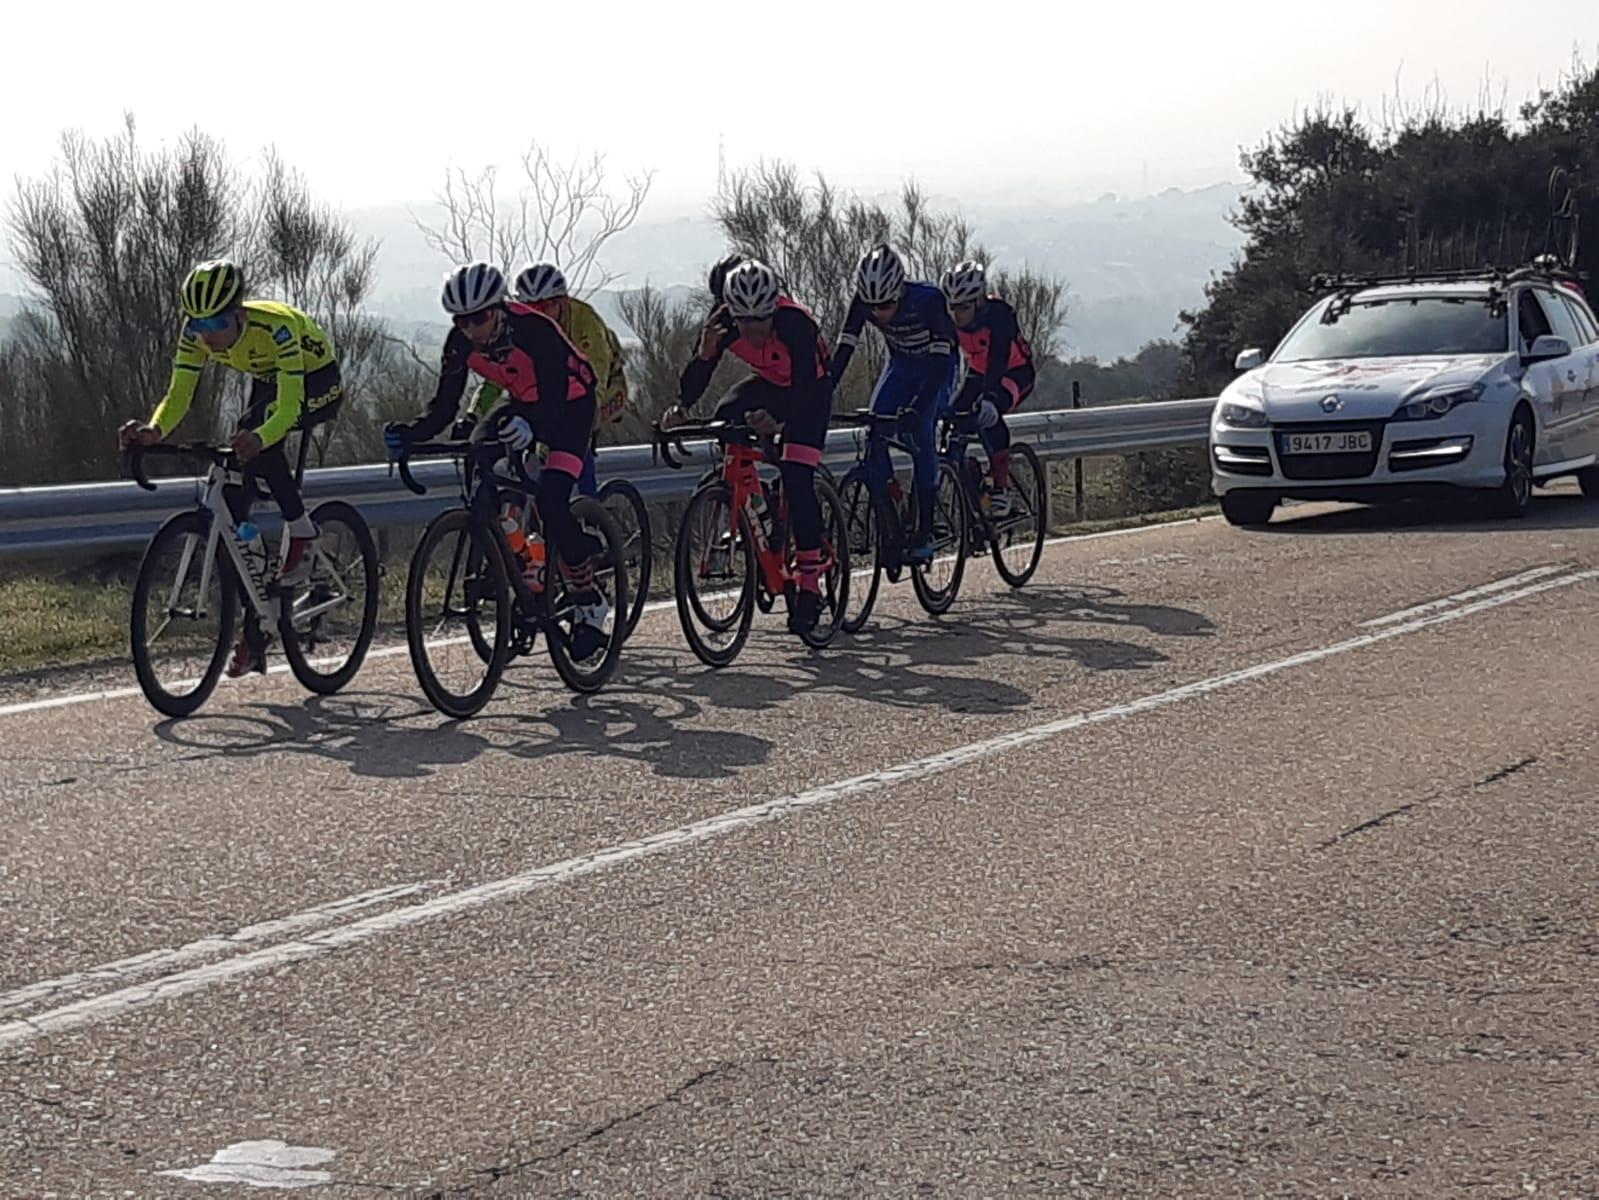 Decidido el sexteto de corredores cadetes que representarán a la FMC en la Vuelta a Gandía